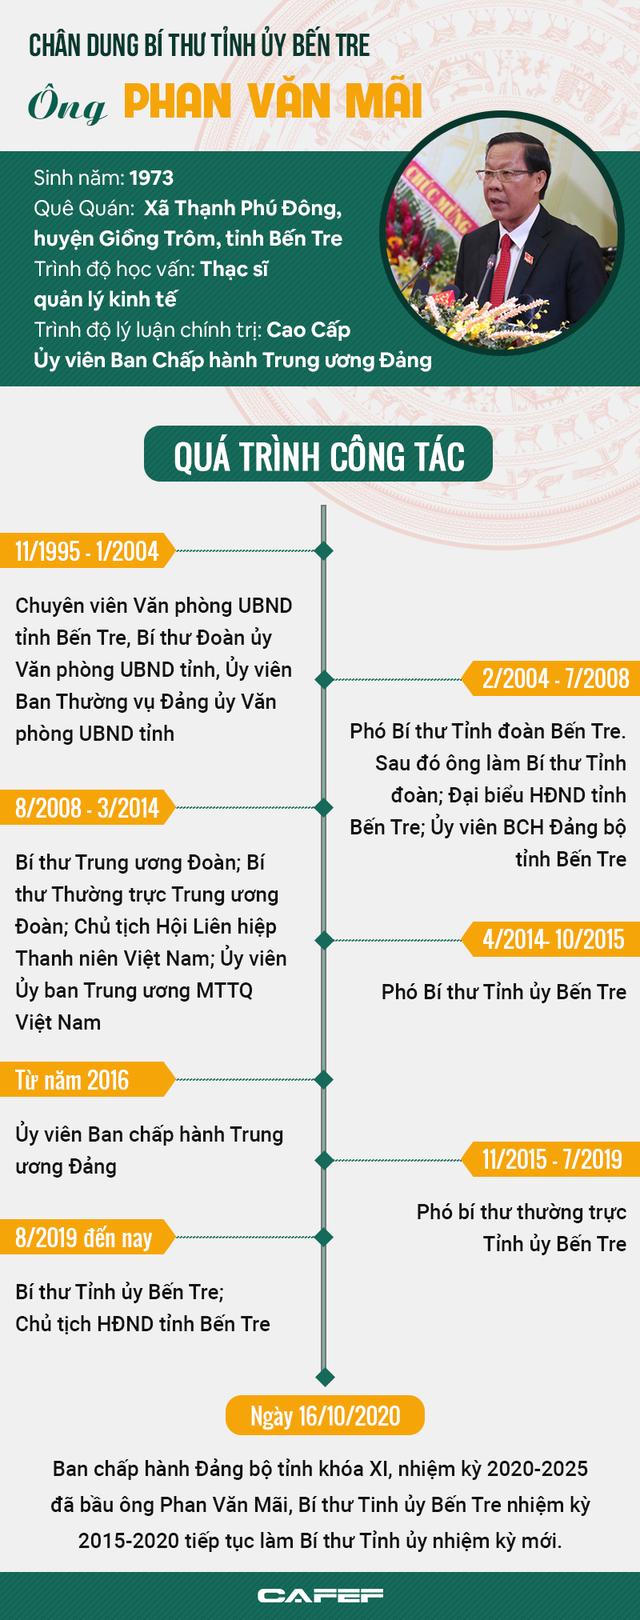 [Infographic]: Chân dung Bí thư Tỉnh ủy Bến Tre Phan Văn Mãi - Ảnh 1.